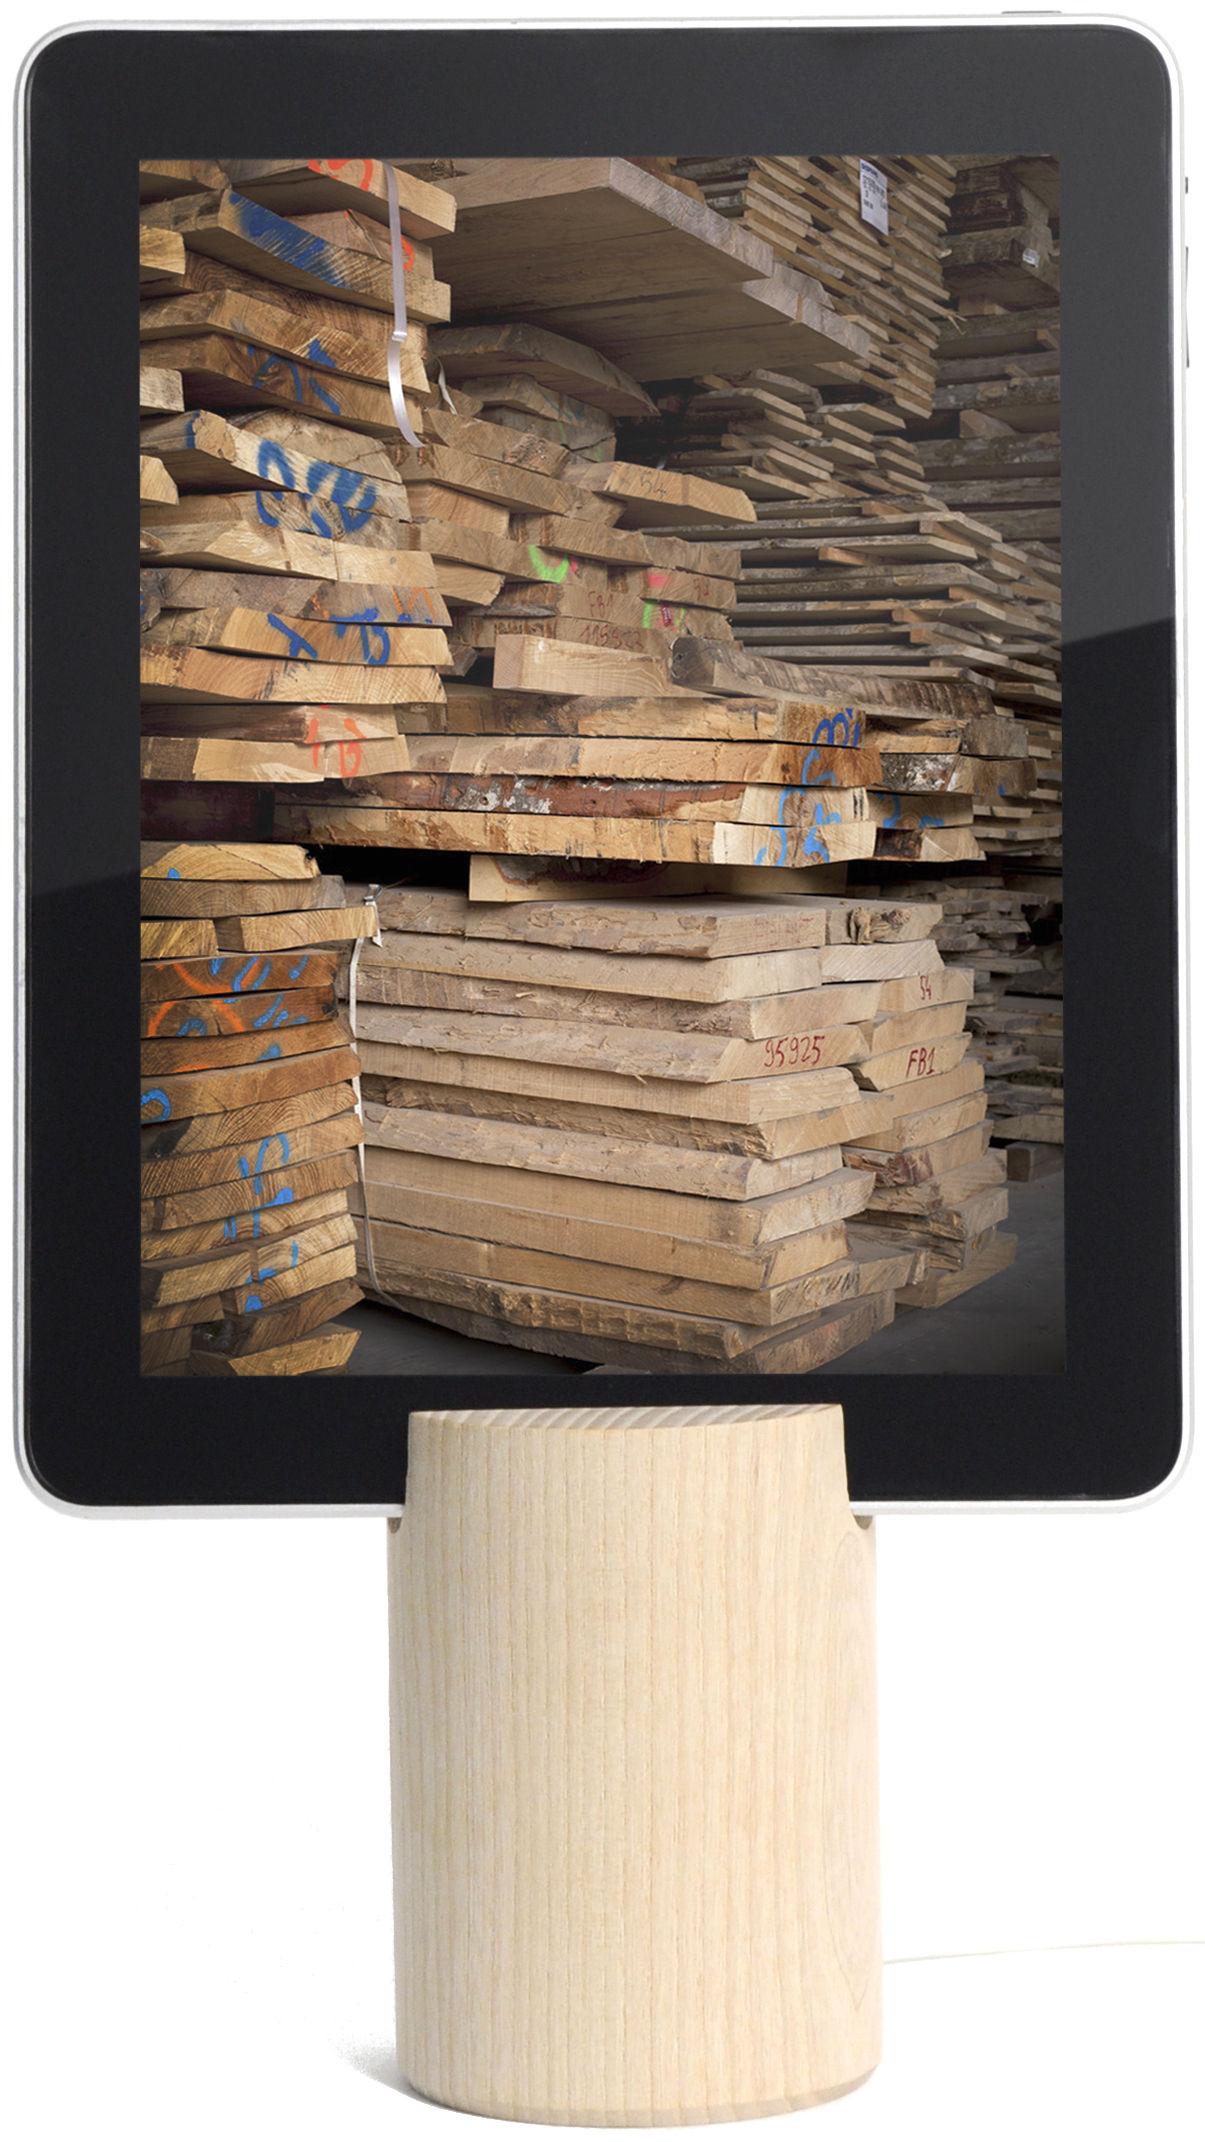 Accessoires - Objets connectés, accessoires high tech - Support pour tablette Base - Y'a pas le feu au lac - Bois clair - Frêne